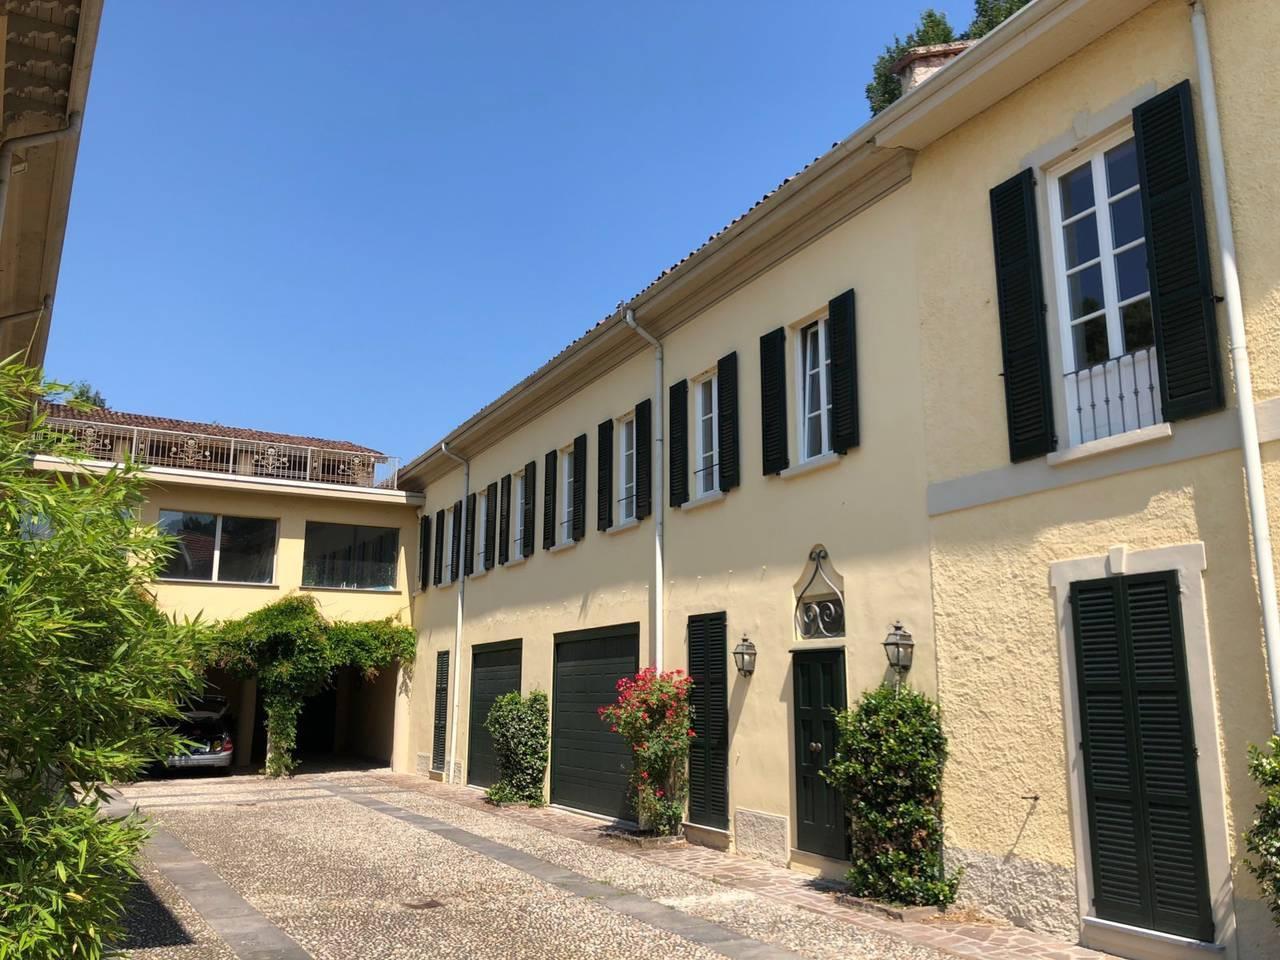 Attico in vendita a Olgiate Molgora in Brianza  Agenzia Immobiliare CasaStyle